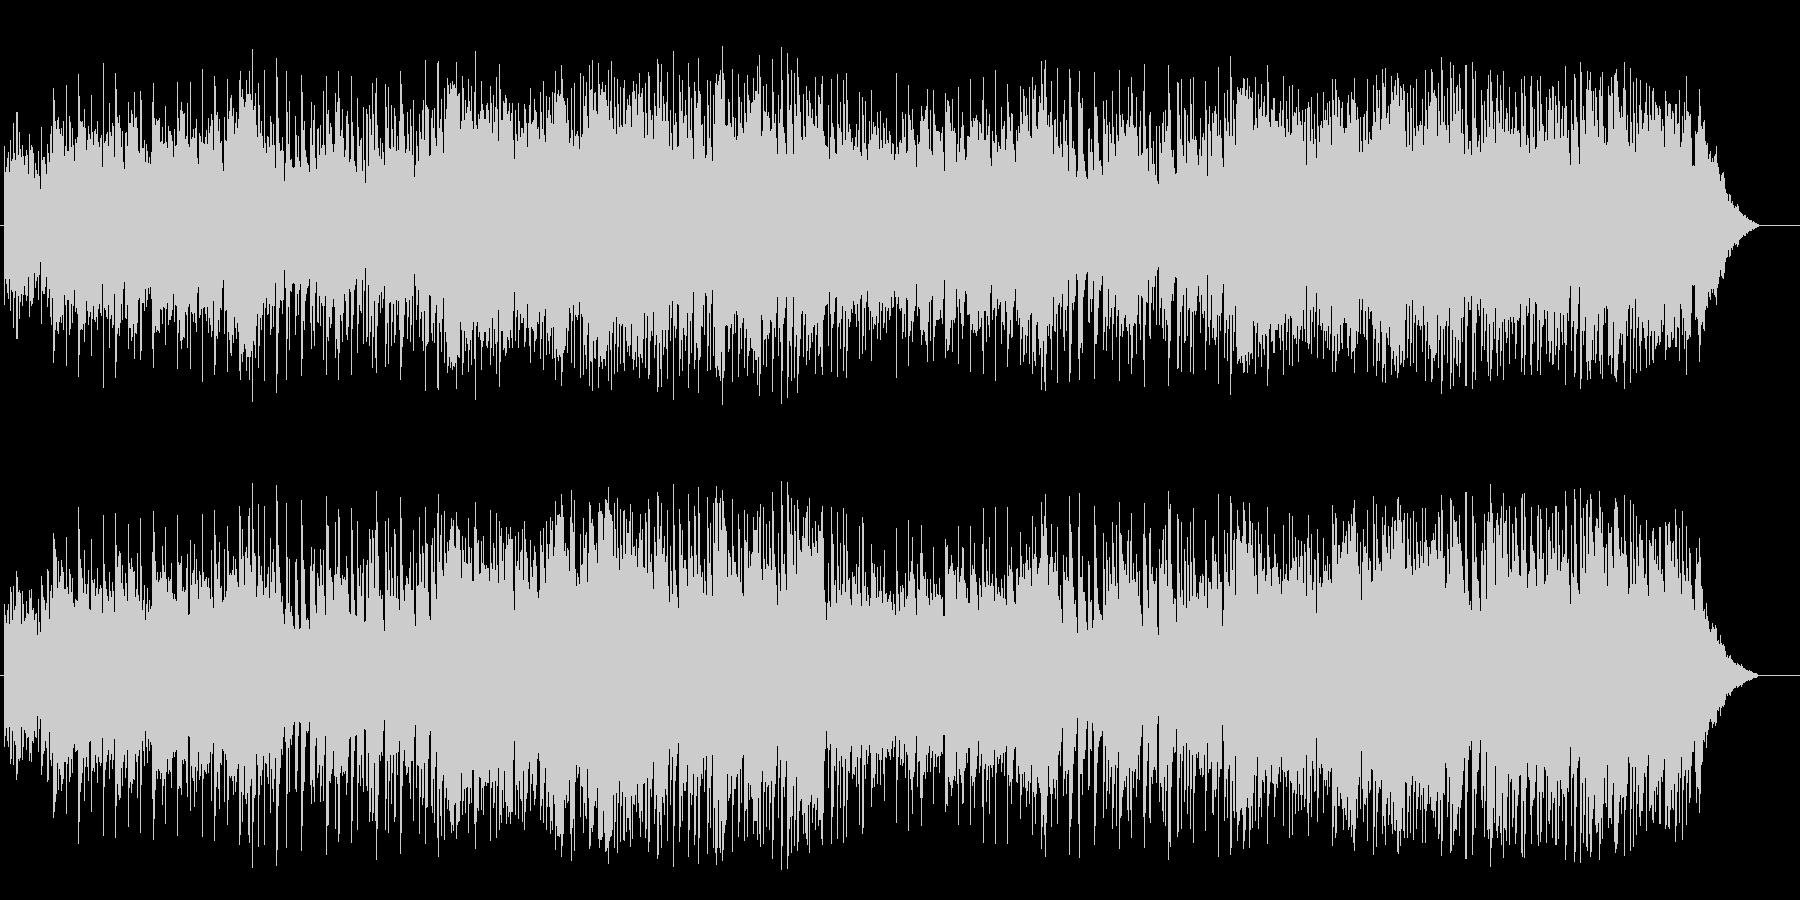 豪華な愛のピアノ・バラード/ブライダルの未再生の波形